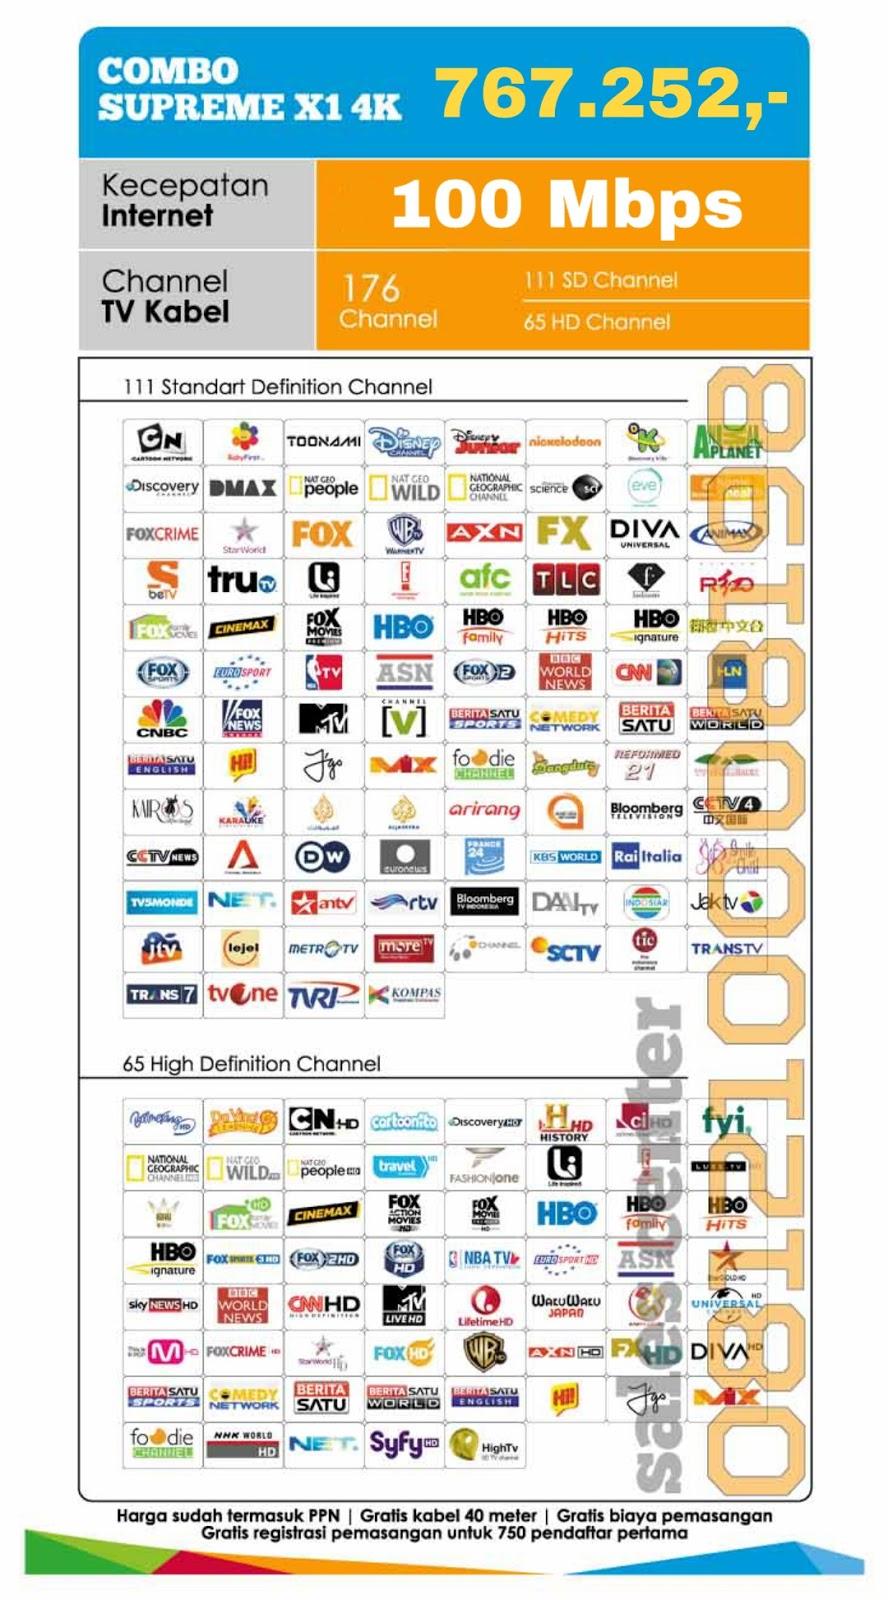 First Media, FirstMedia, Promo Paket Combo Supreme X1 4K First Media Februari 2019, Combo Supreme X1 4K First Media, Combo Supreme X1 4K First Media, paket Combo Supreme X1 4K First Media, paket promo Combo Supreme X1 4K First Media, paket Combo Supreme X1 4K First Media, paket promo Combo Supreme X1 4K First Media, promo Combo Supreme X1 4K First Media, promo paket Combo Supreme X1 4K First Media, promo Combo Supreme X1 4K First Media, promo paket Combo Supreme X1 4K First Media, harga Combo Supreme X1 4K First Media, tarif Combo Supreme X1 4K First Media, internet dan tv kabel, internet tv first media, pemasangan Combo Supreme X1 4K First Media, iuran Combo Supreme X1 4K First Media, Combo Supreme X1 4K First Media Februari 2019,